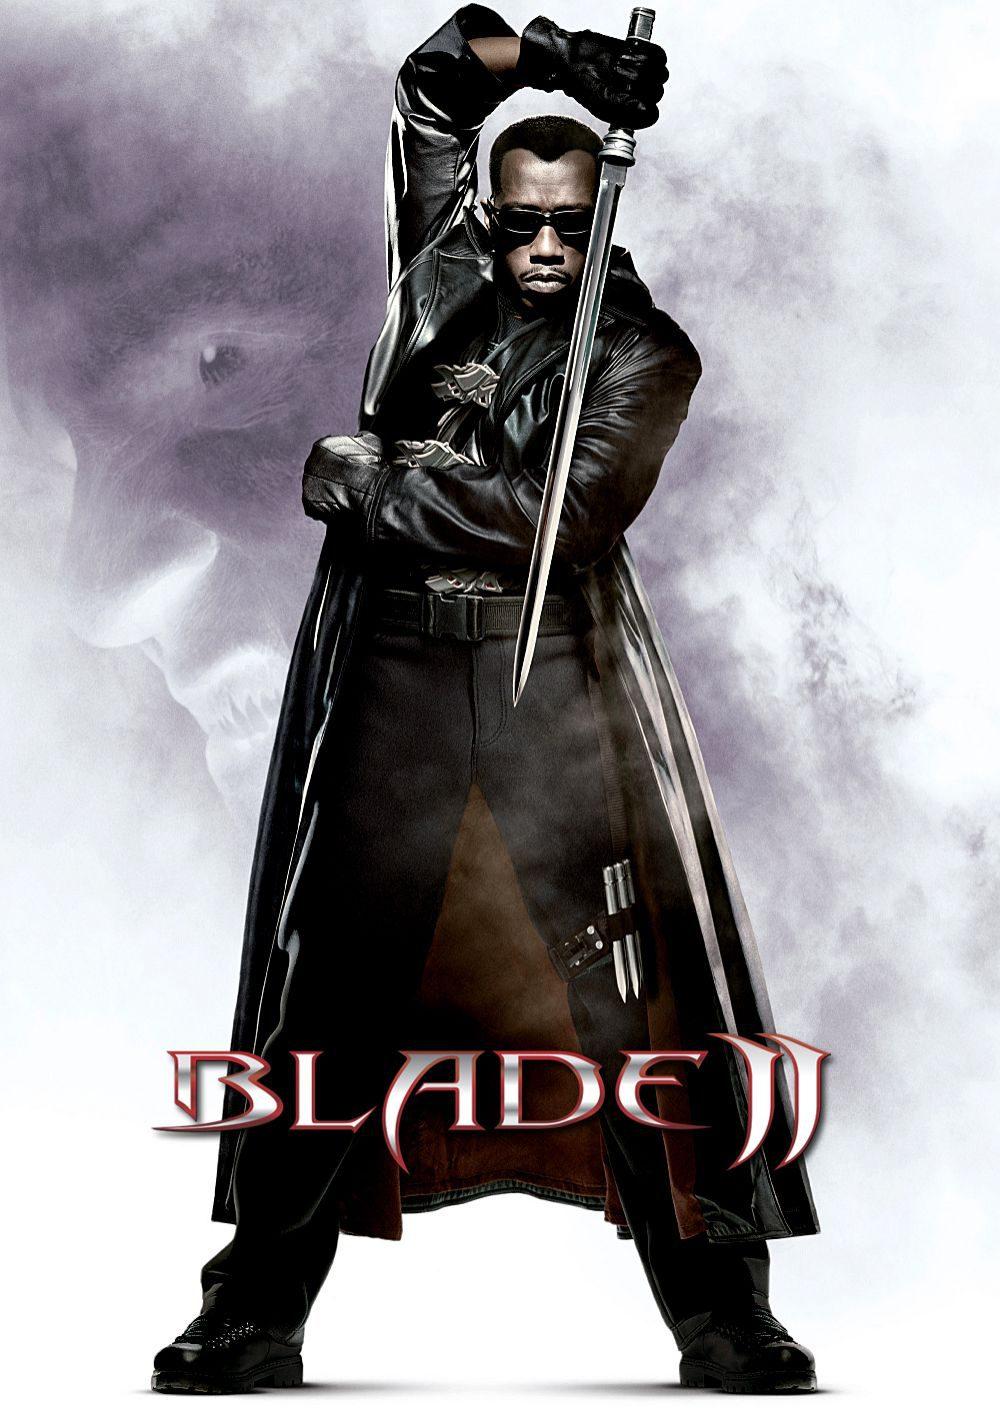 นักล่าพันธุ์อมตะ (Blade2)